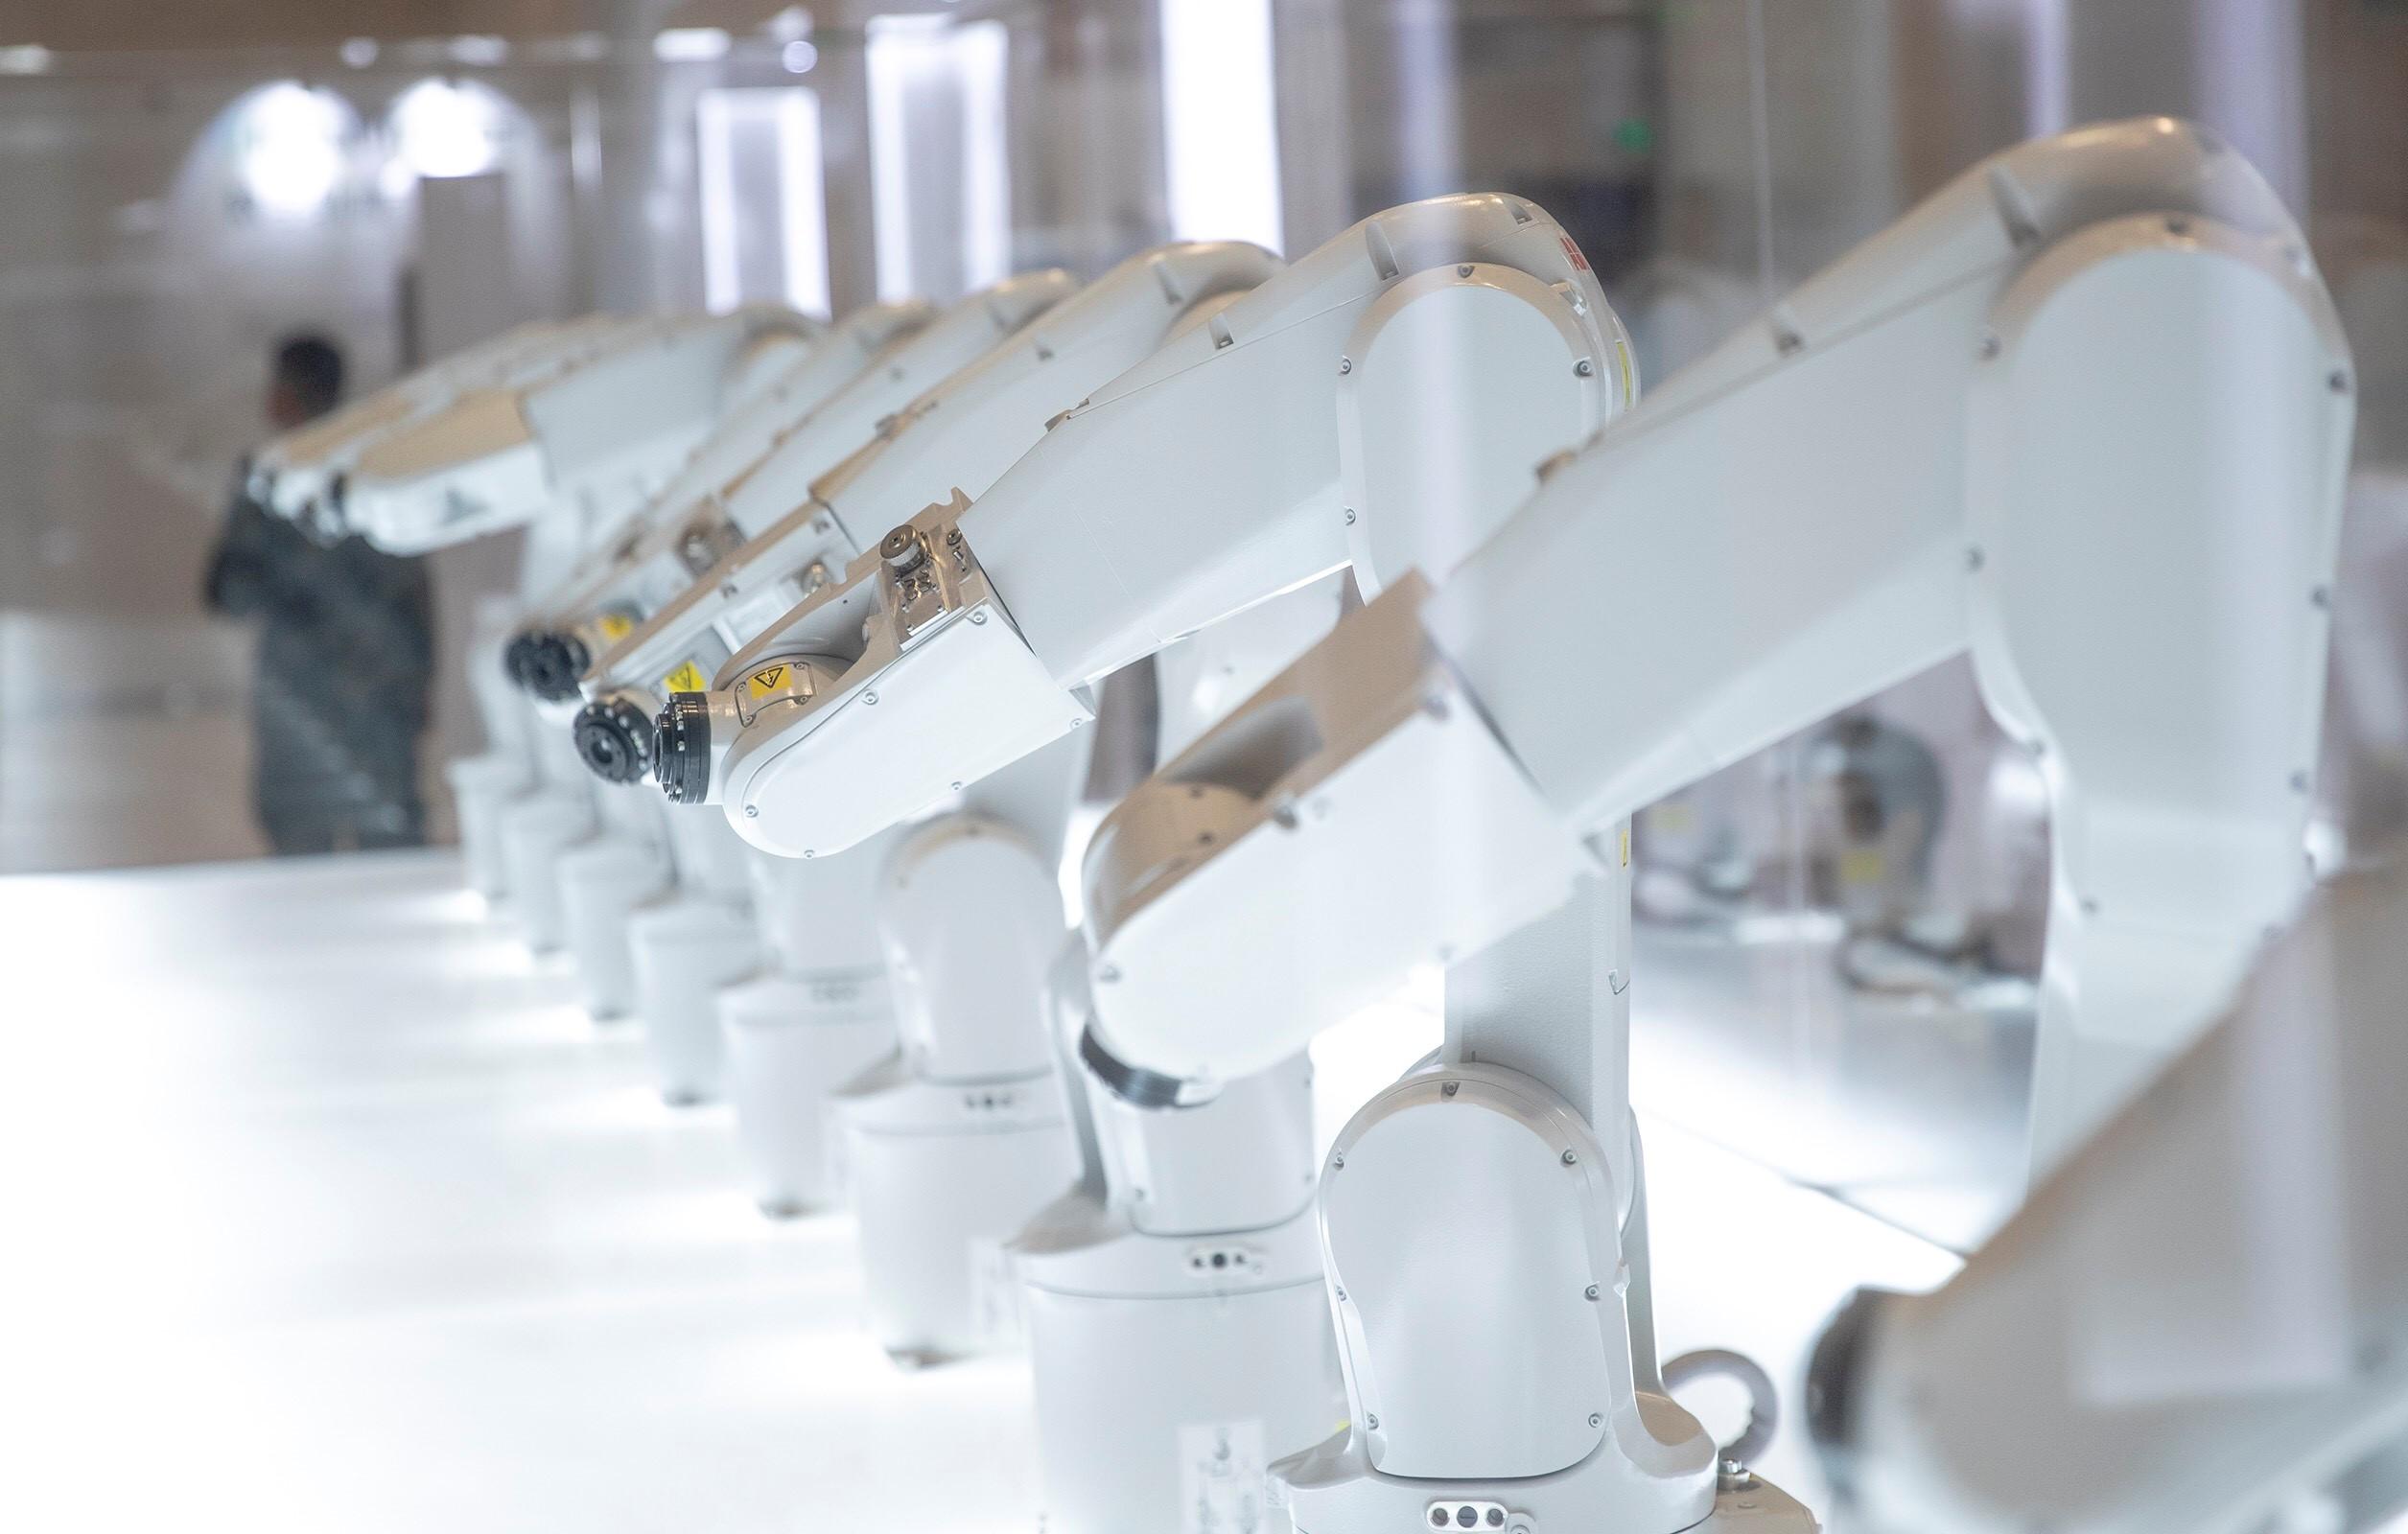 十台ABB IRB 1200机器人组成的MANUS